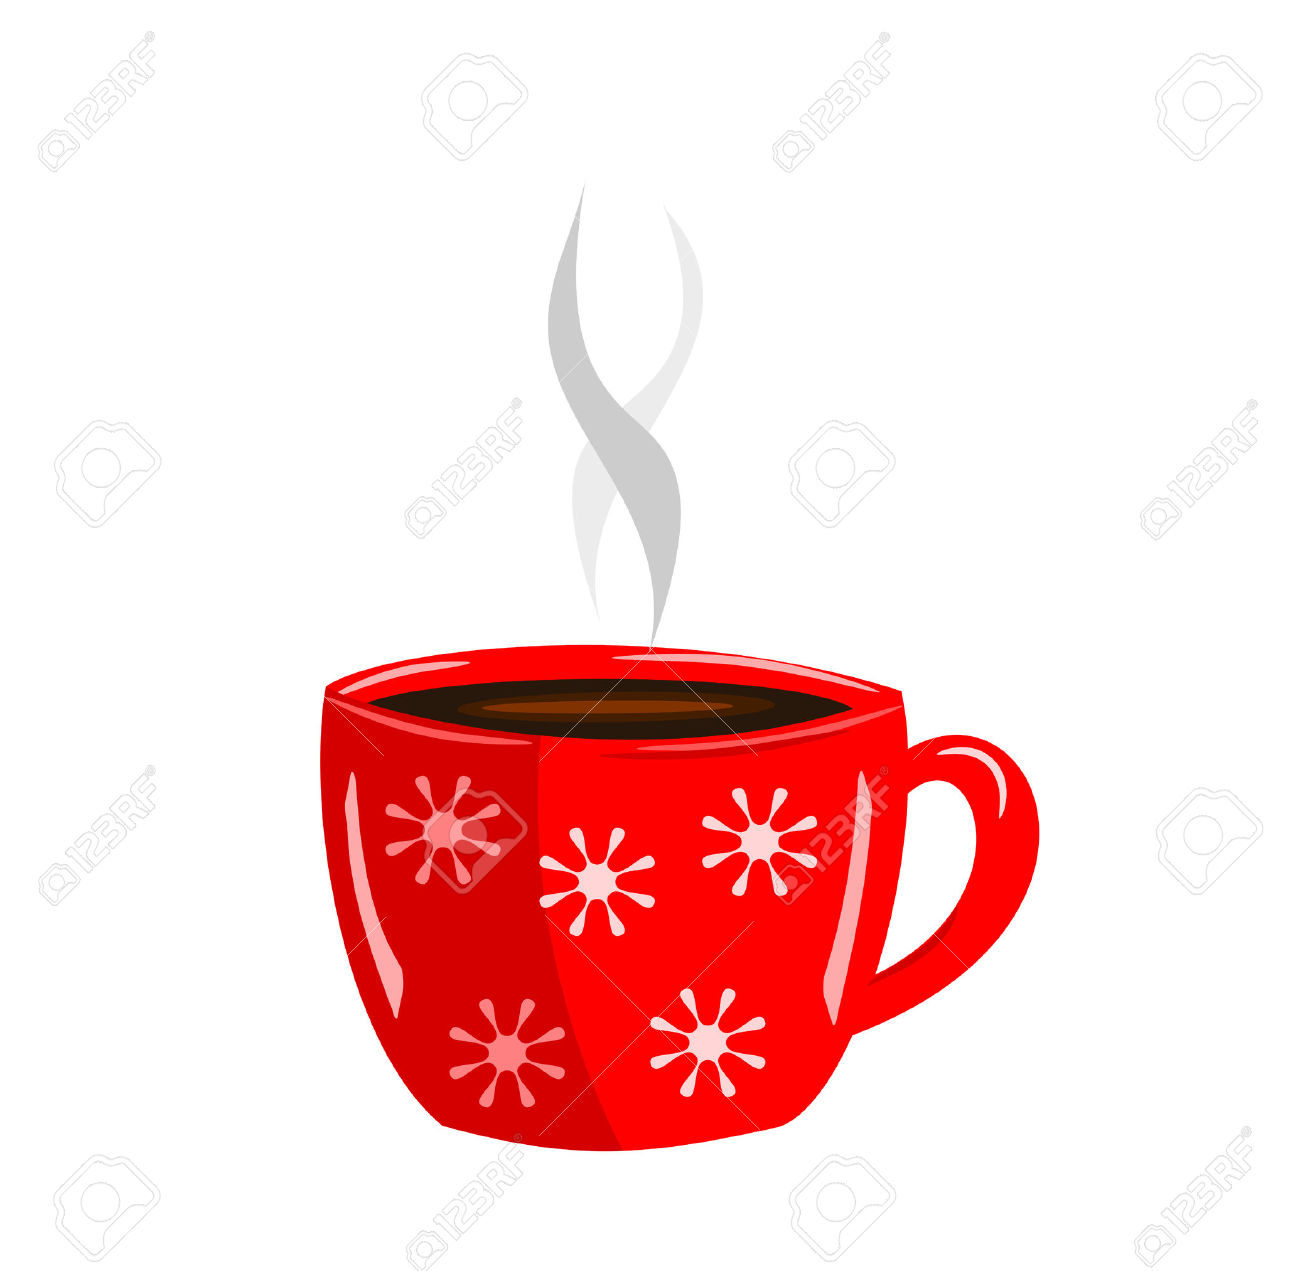 Energizing Red Cup Of Hot .-Energizing red cup of hot .-7